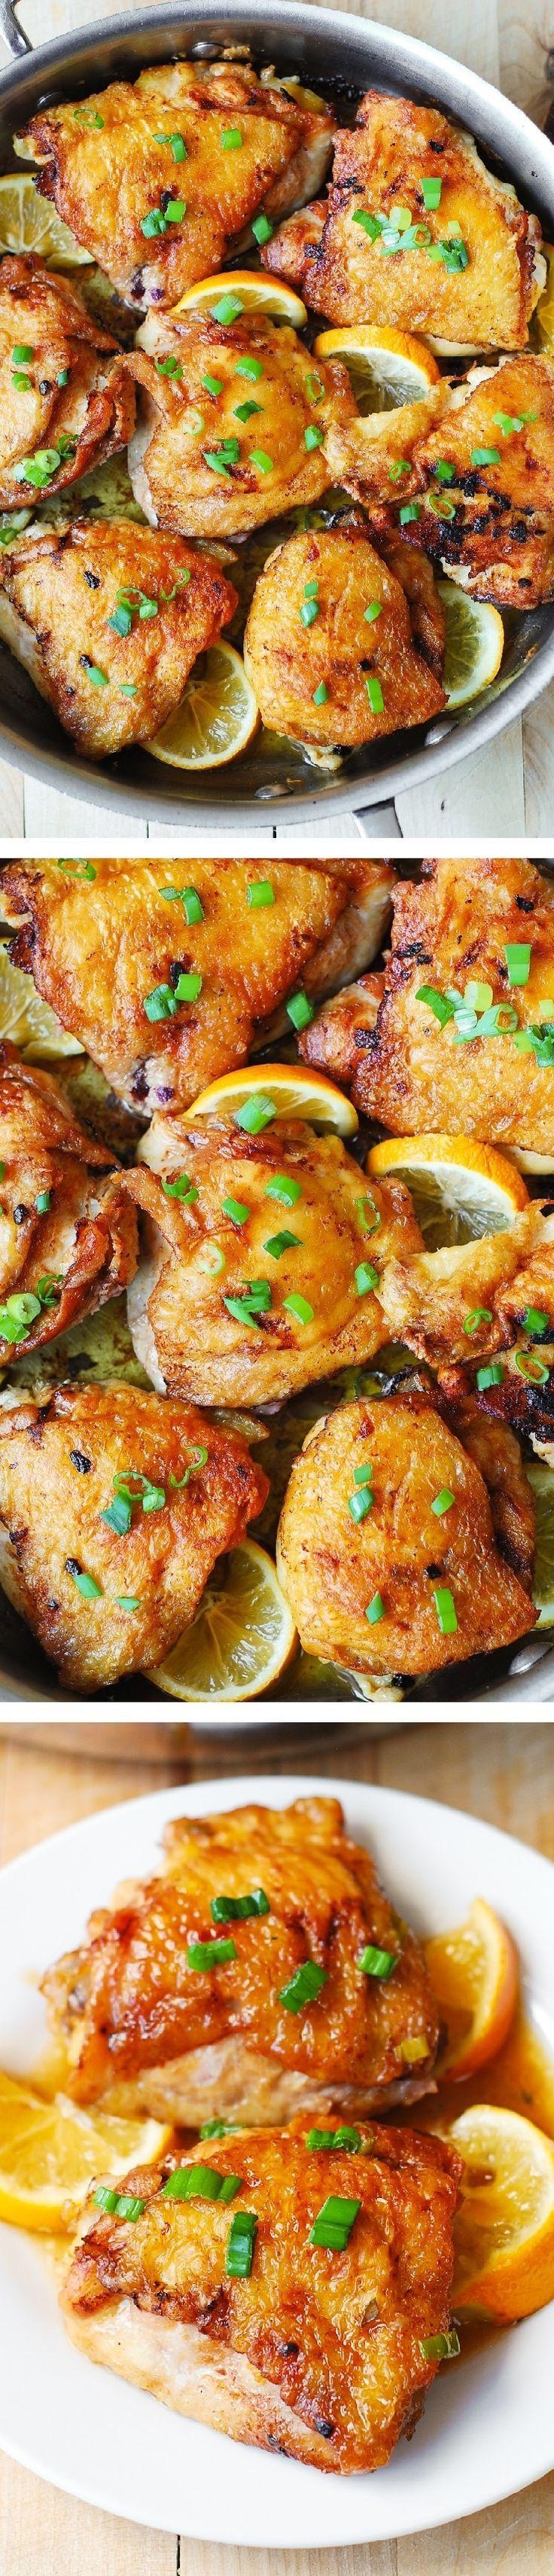 Lemon Ginger Chicken Thighs